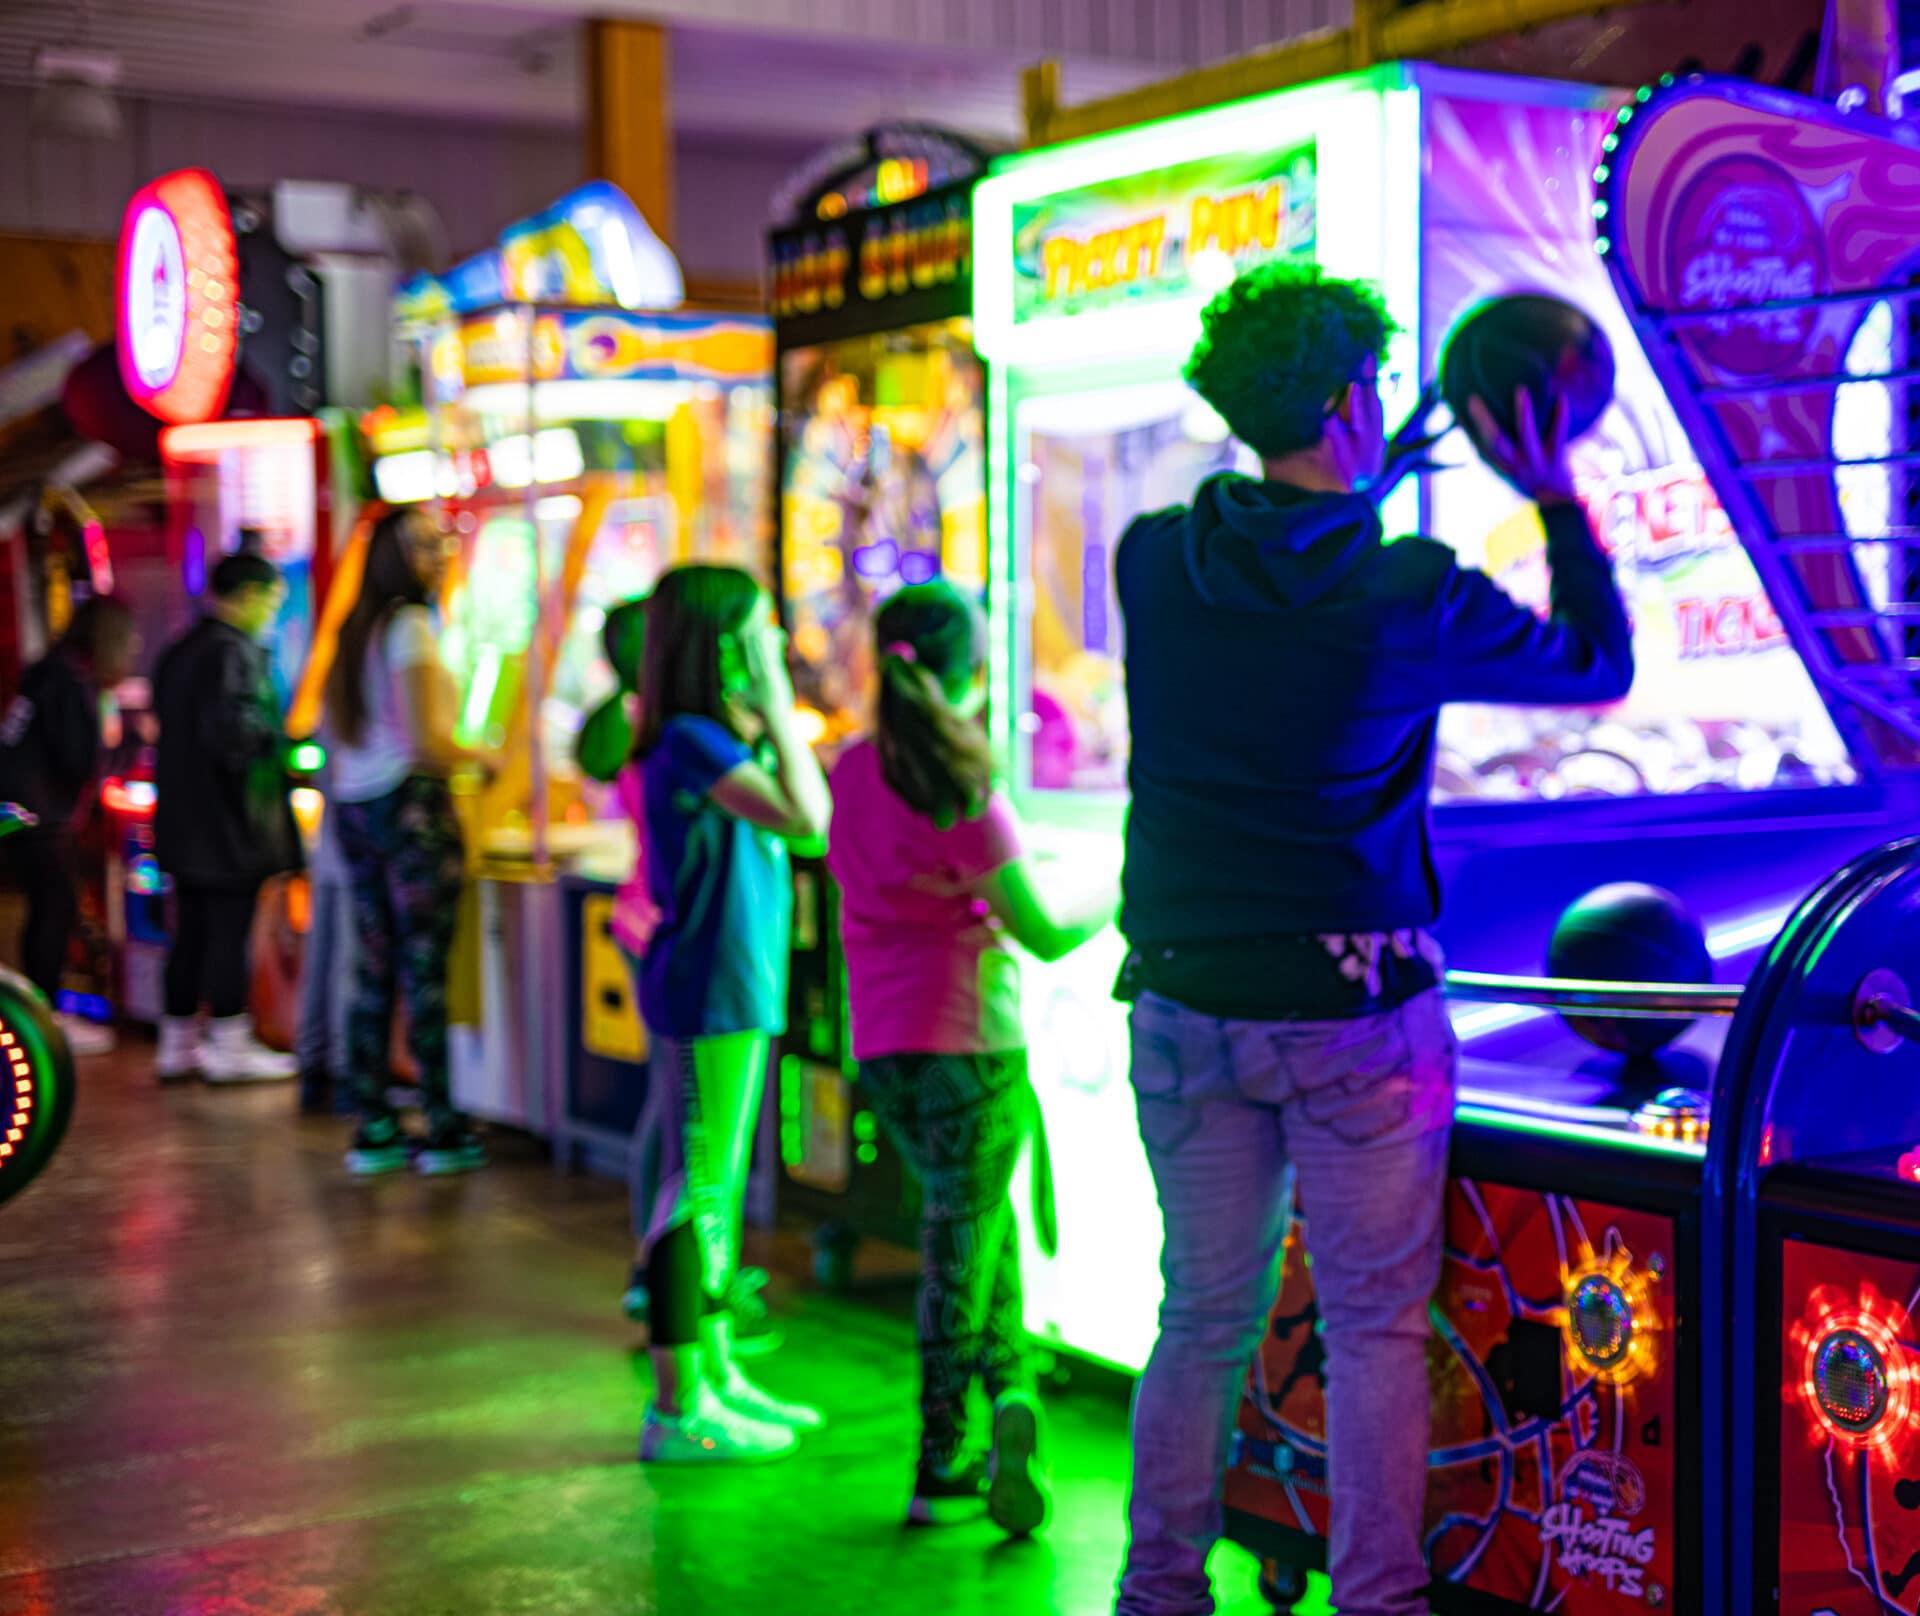 arcade near me, kenosha arcade, arcade in kenosha